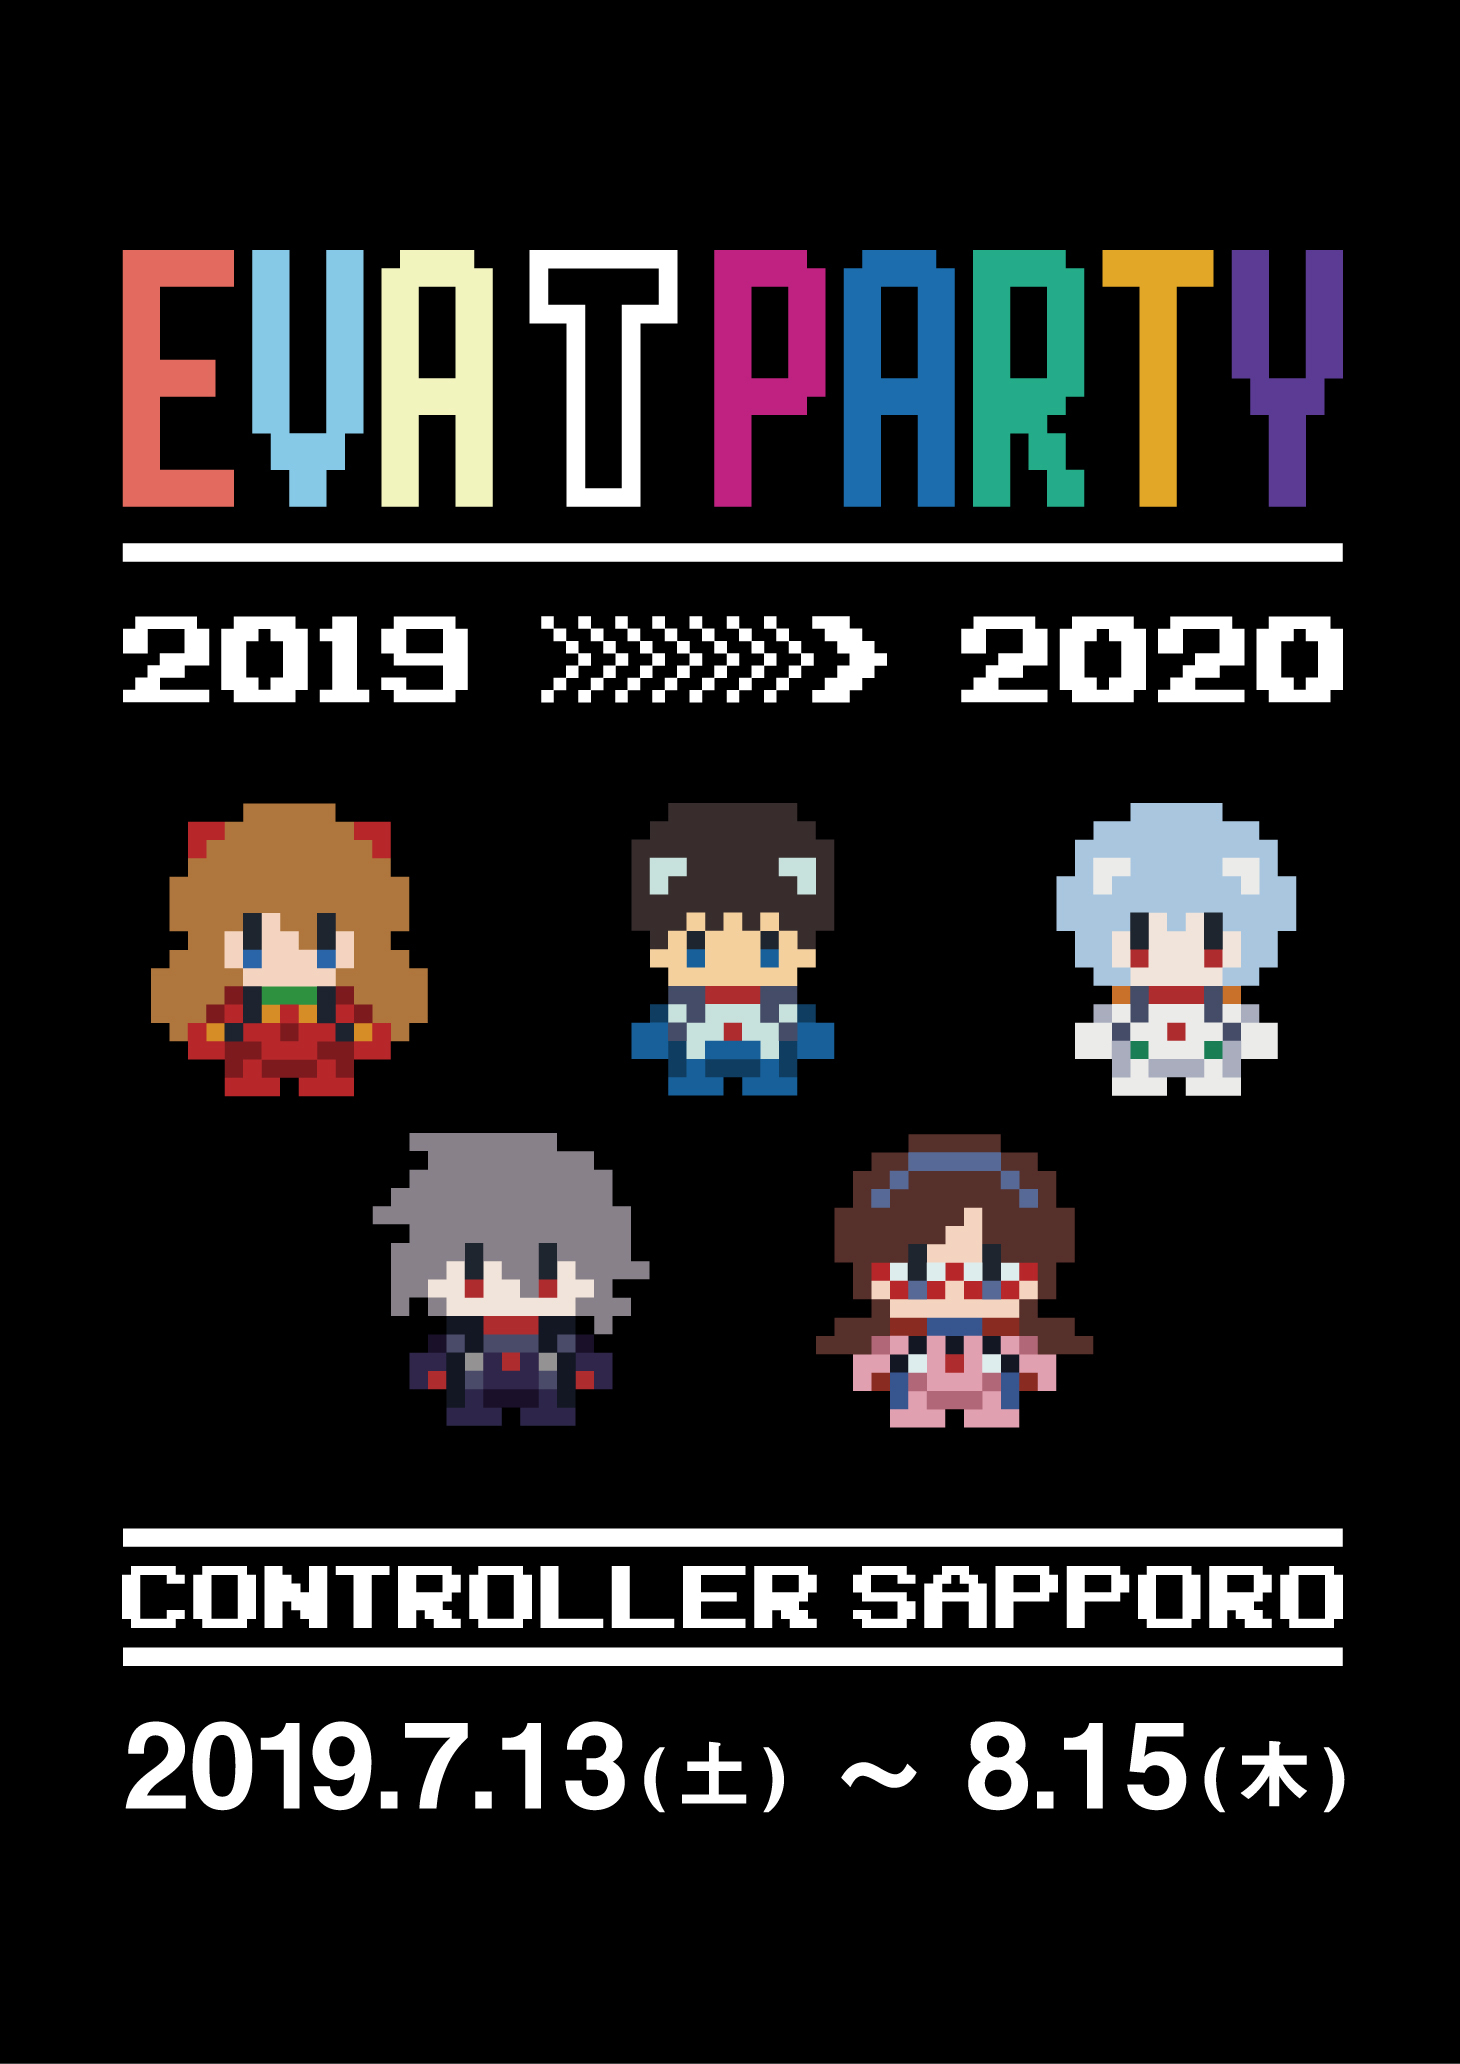 【期間限定発売】EVA T PARTY 2019 in CONTROLLER SAPPORO 缶バッジ付き限定Tシャツ ペンペン